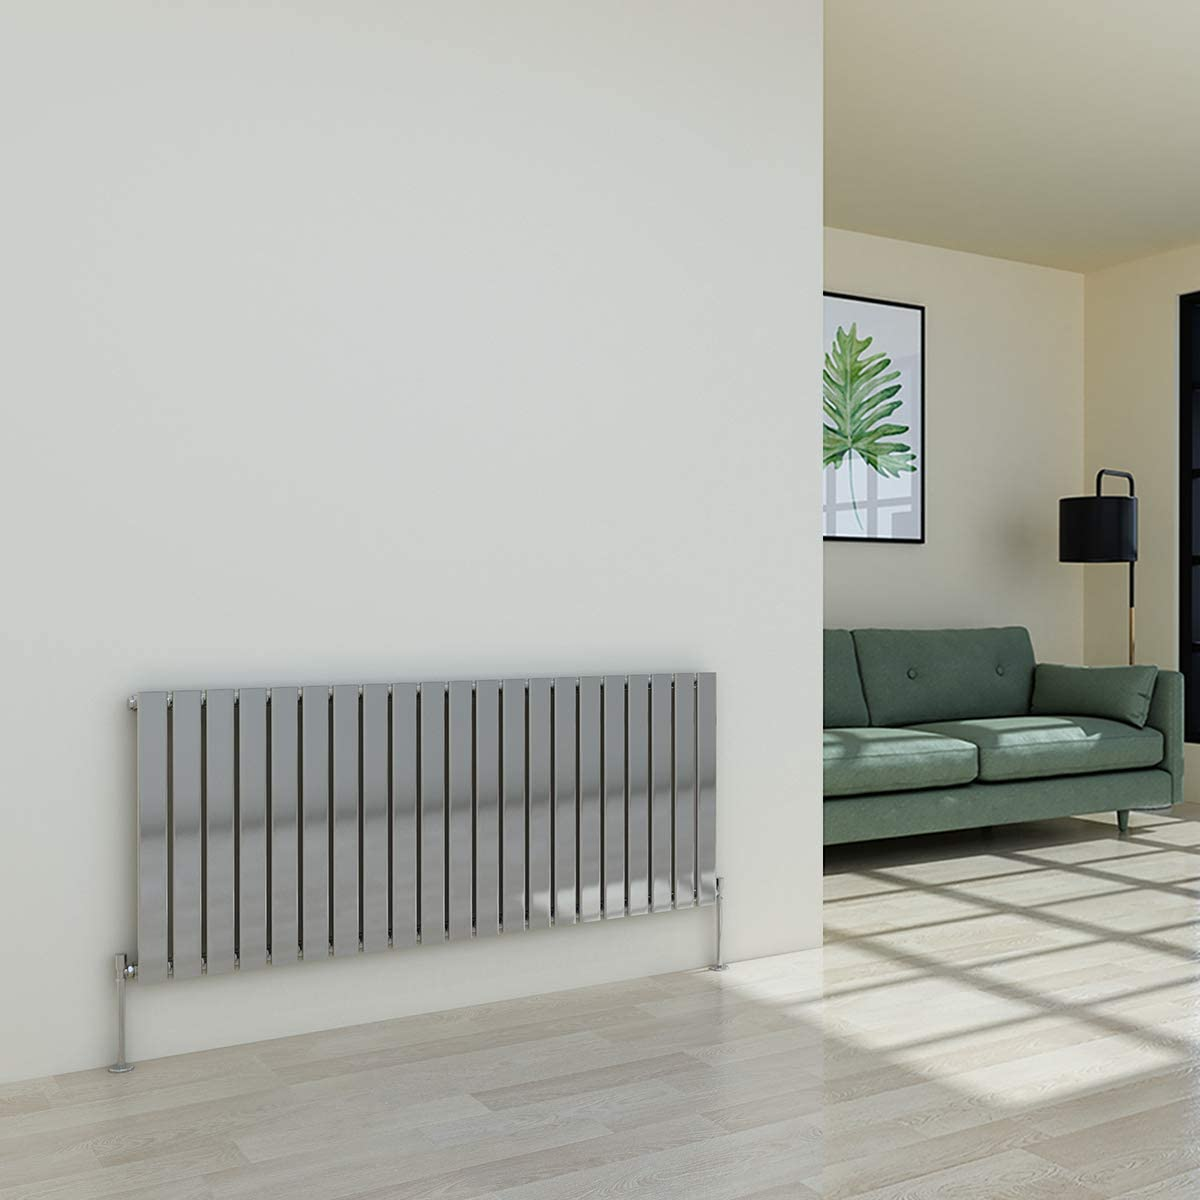 WarmeHaus Horizontal Designer Radiator Flat Panel Modern Heating